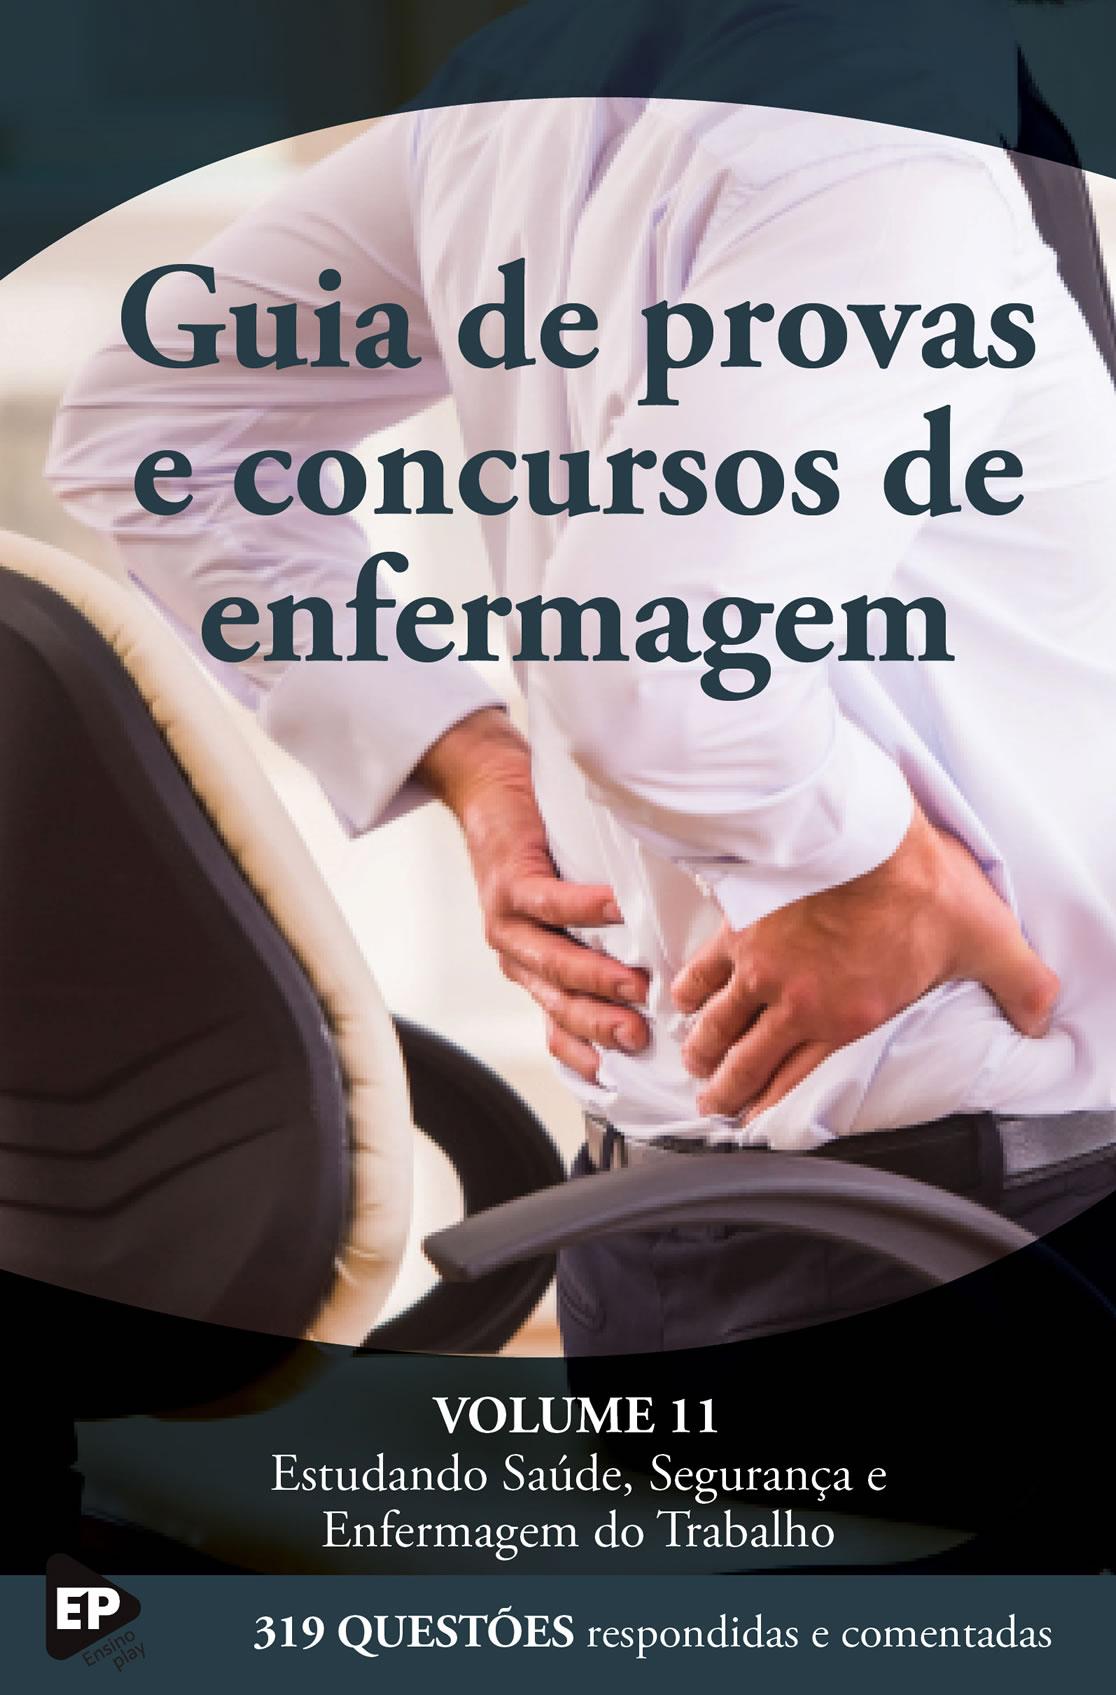 Guia de Provas e Concursos de Enfermagem V.11